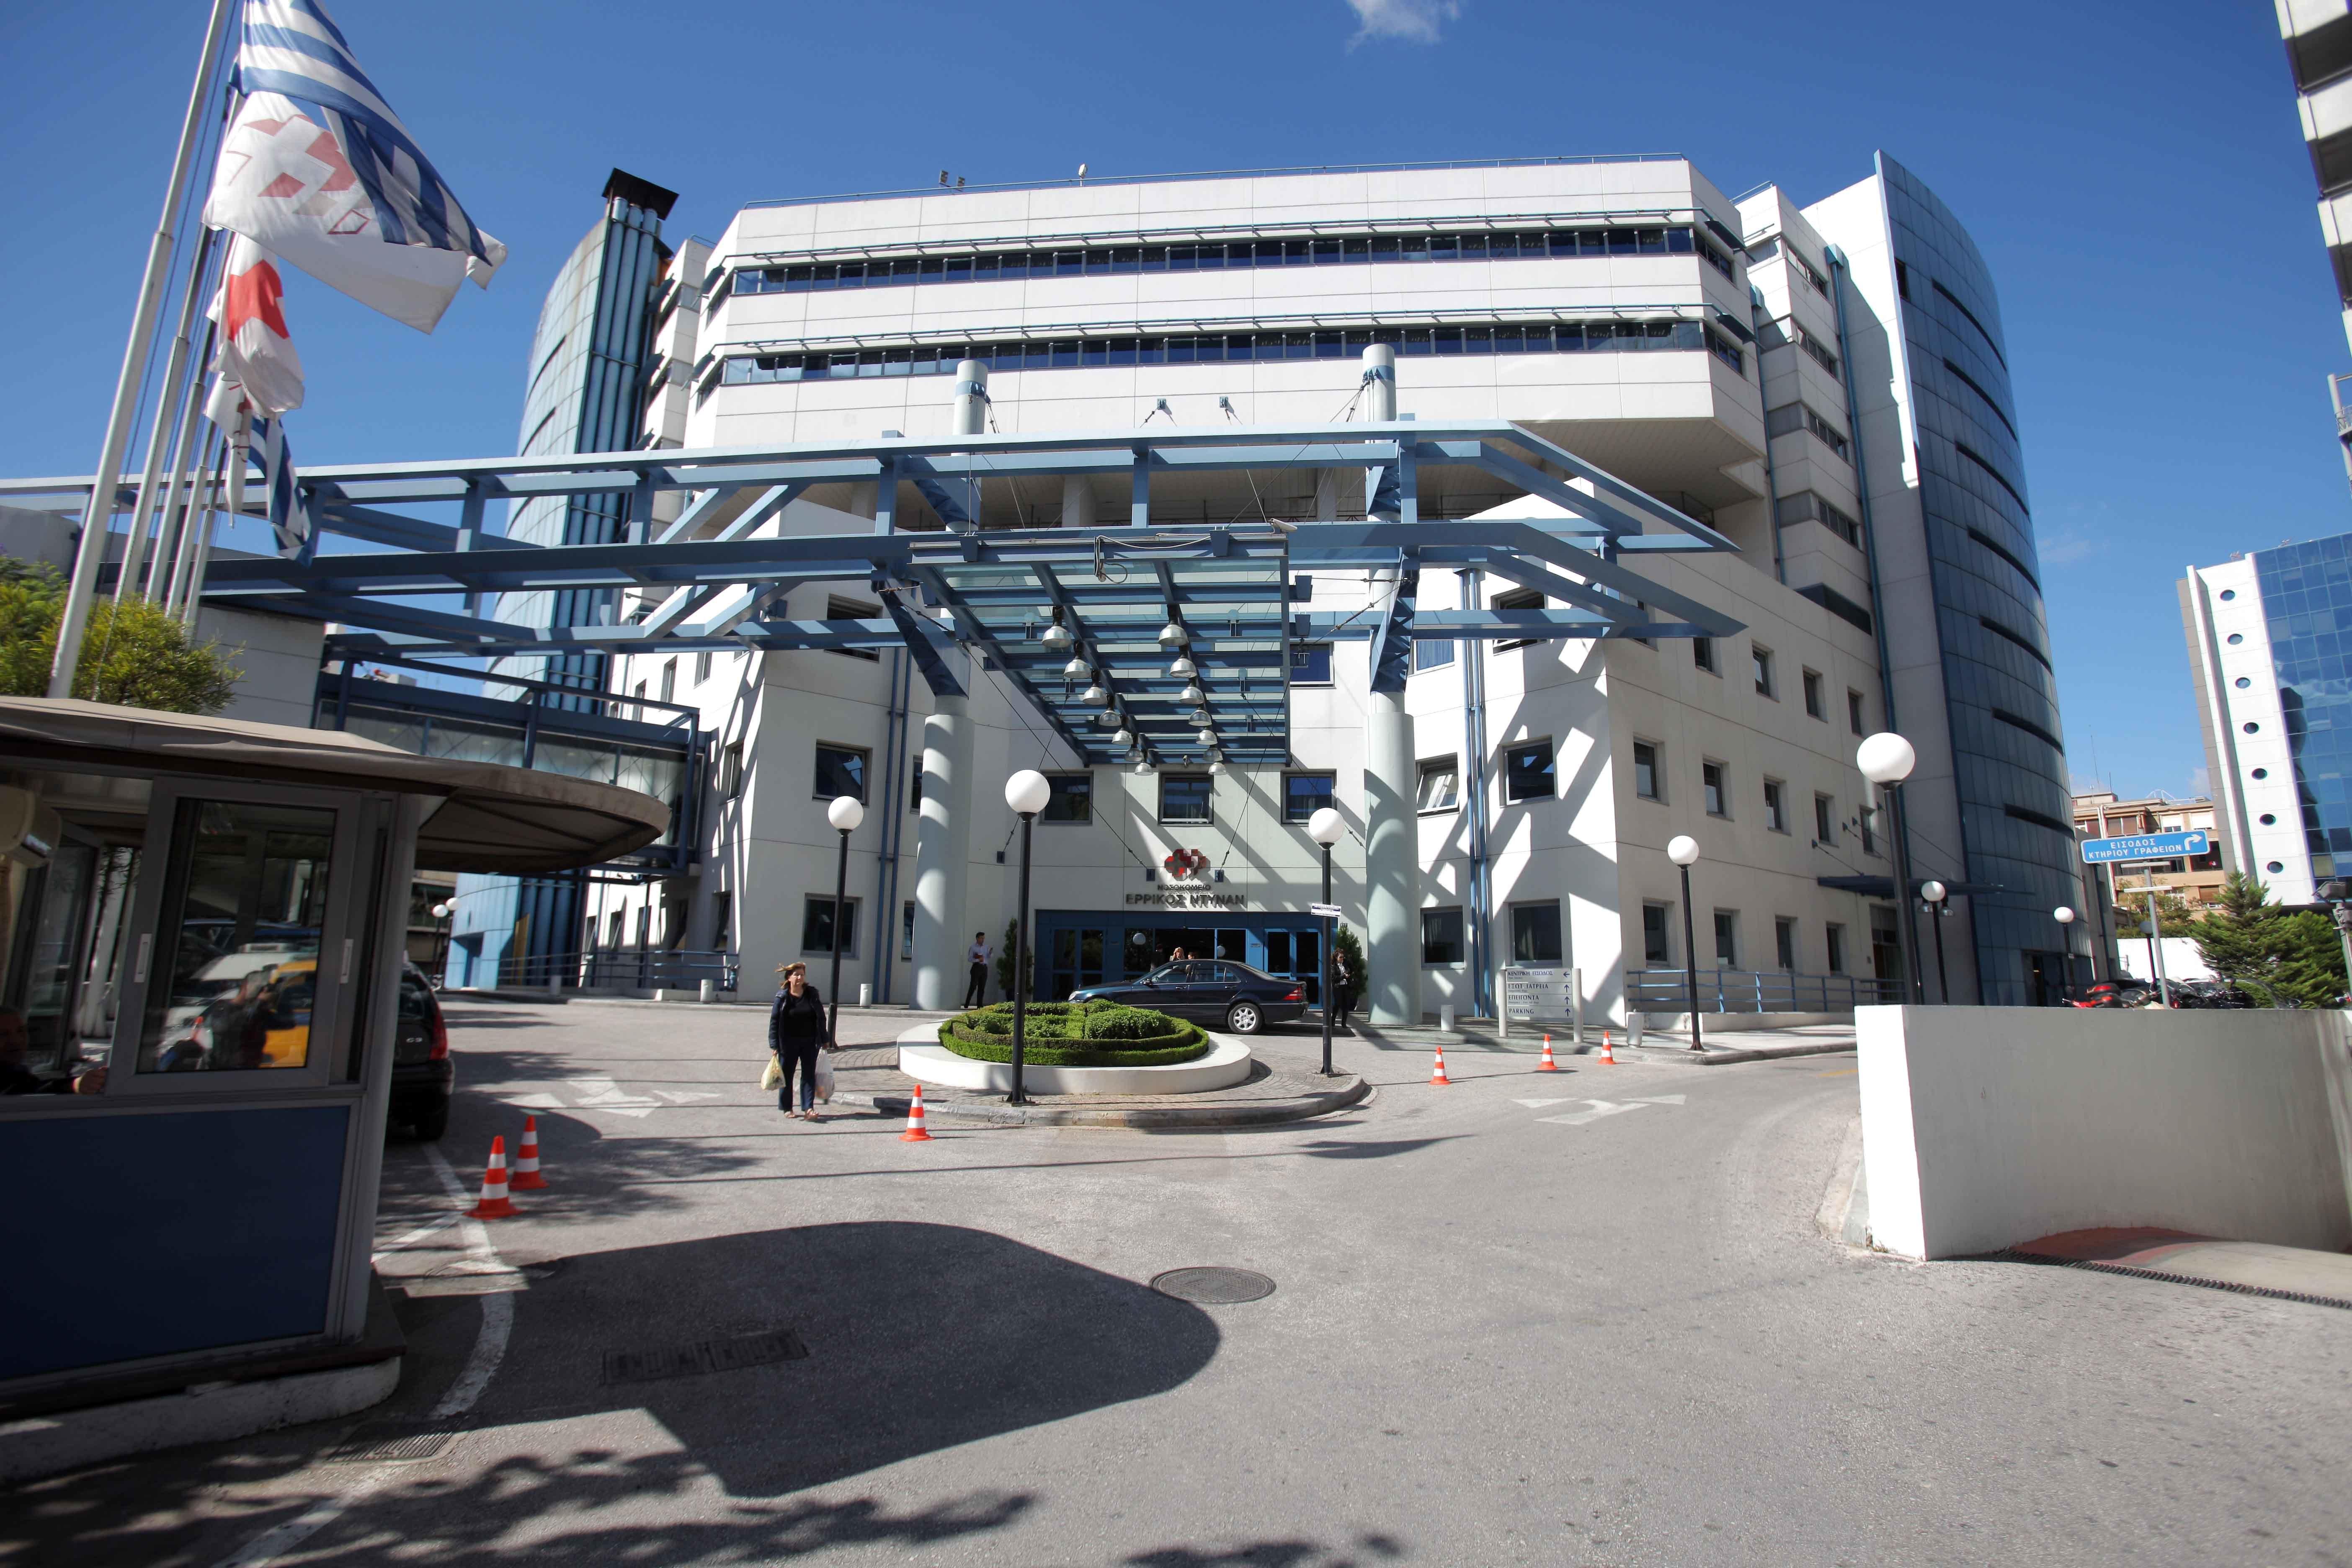 Τράπεζα Πειραιώς: Ολοκληρώθηκε η πρώτη φάση πώλησης του Ερρίκος Ντυνάν